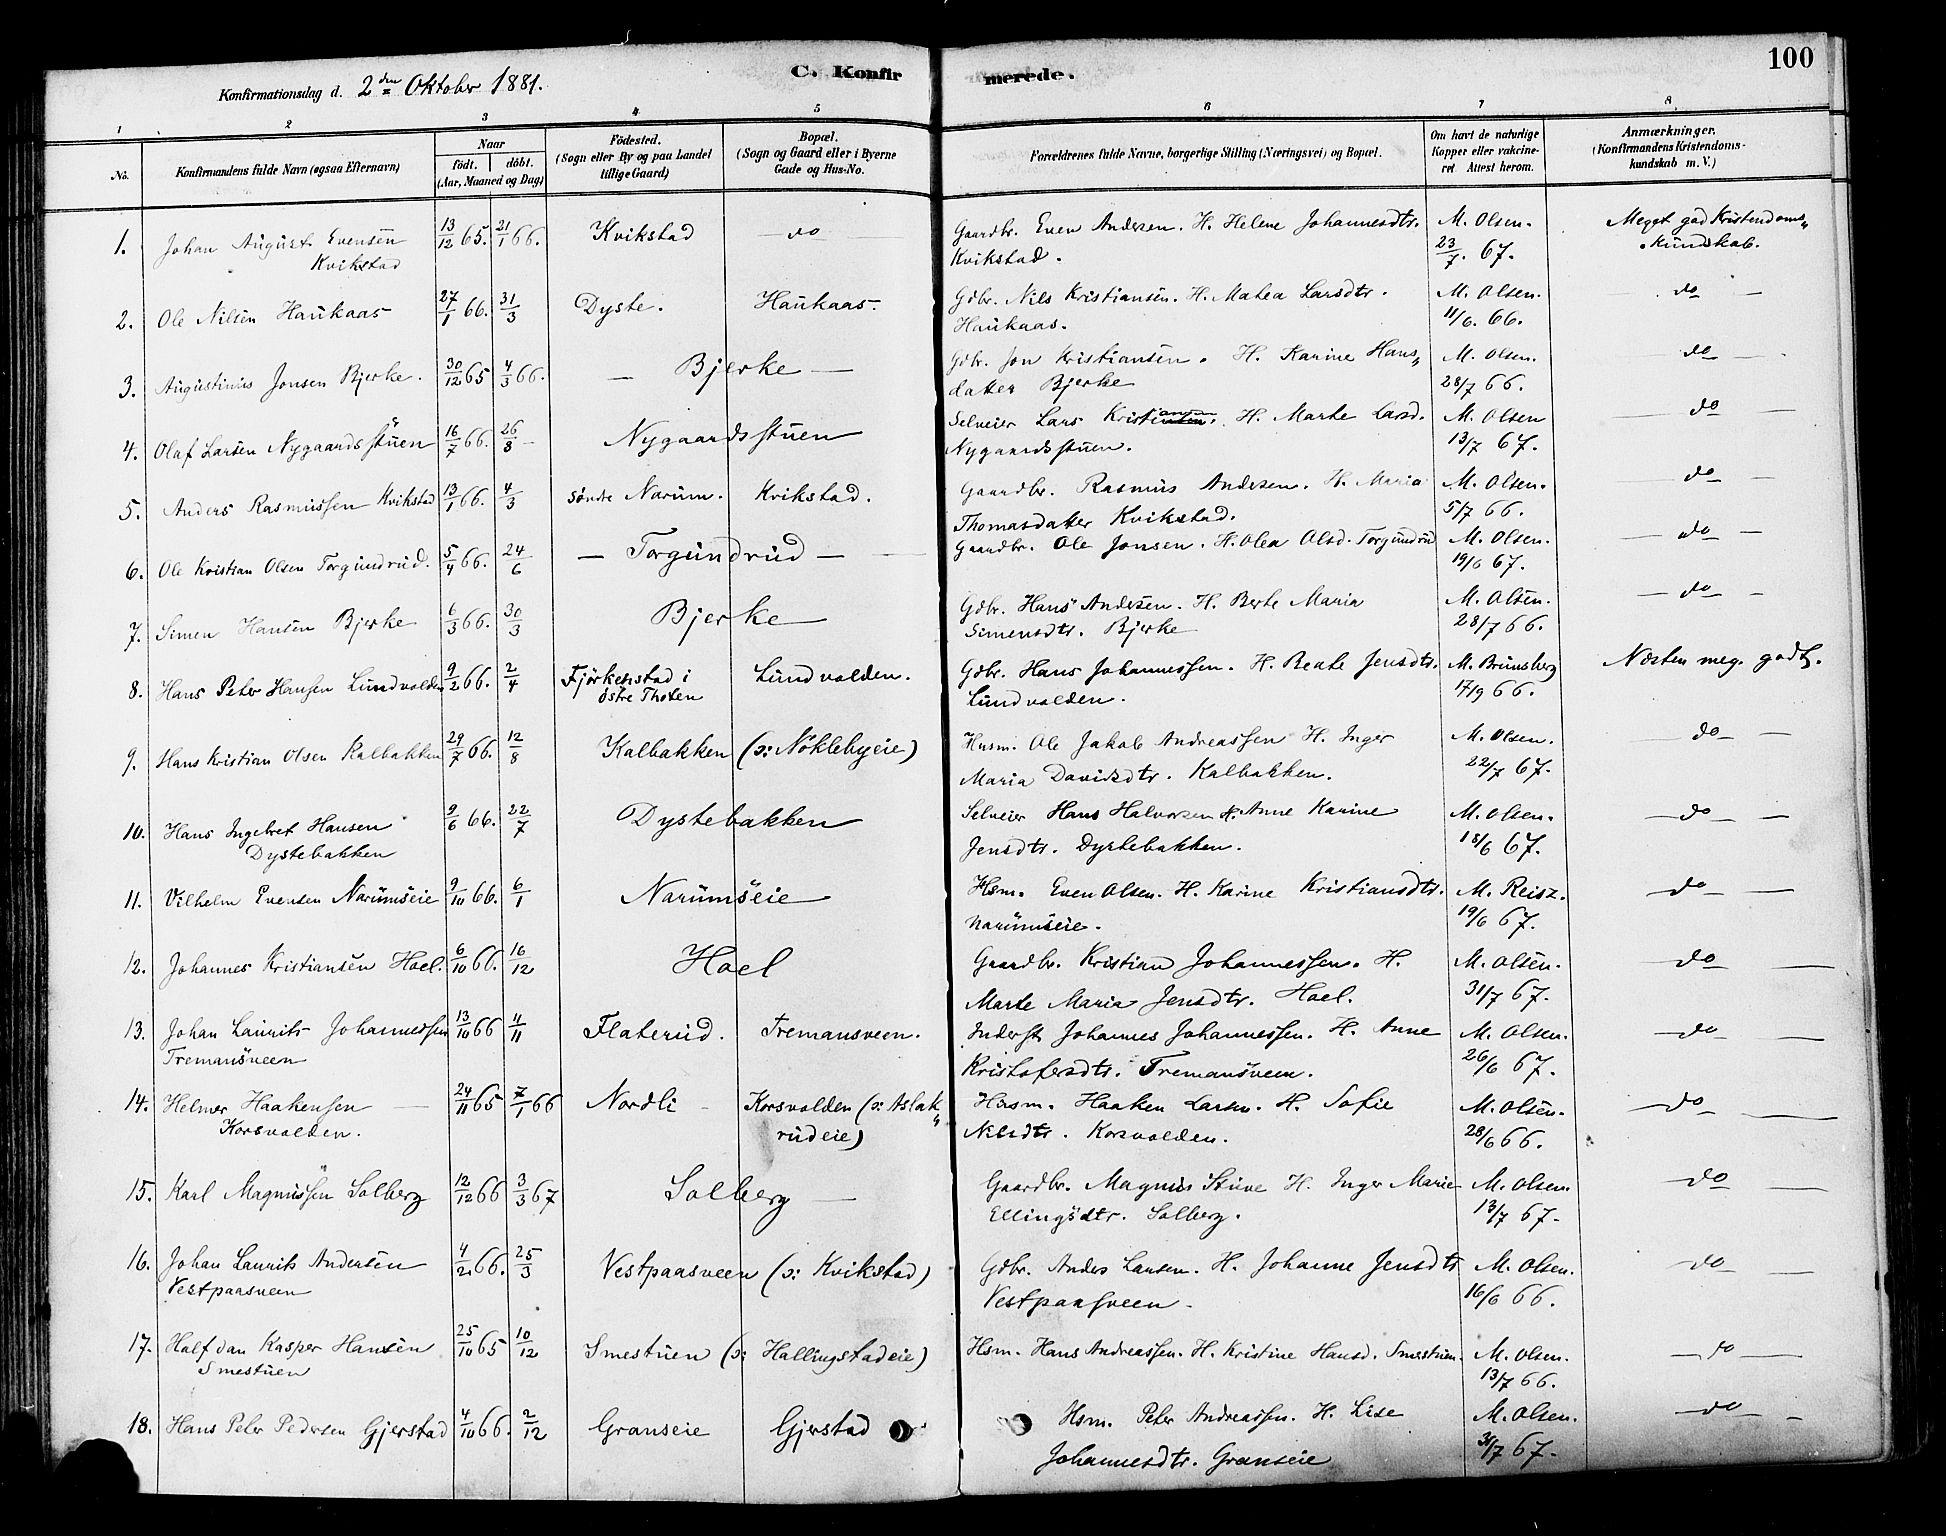 SAH, Vestre Toten prestekontor, Ministerialbok nr. 10, 1878-1894, s. 100